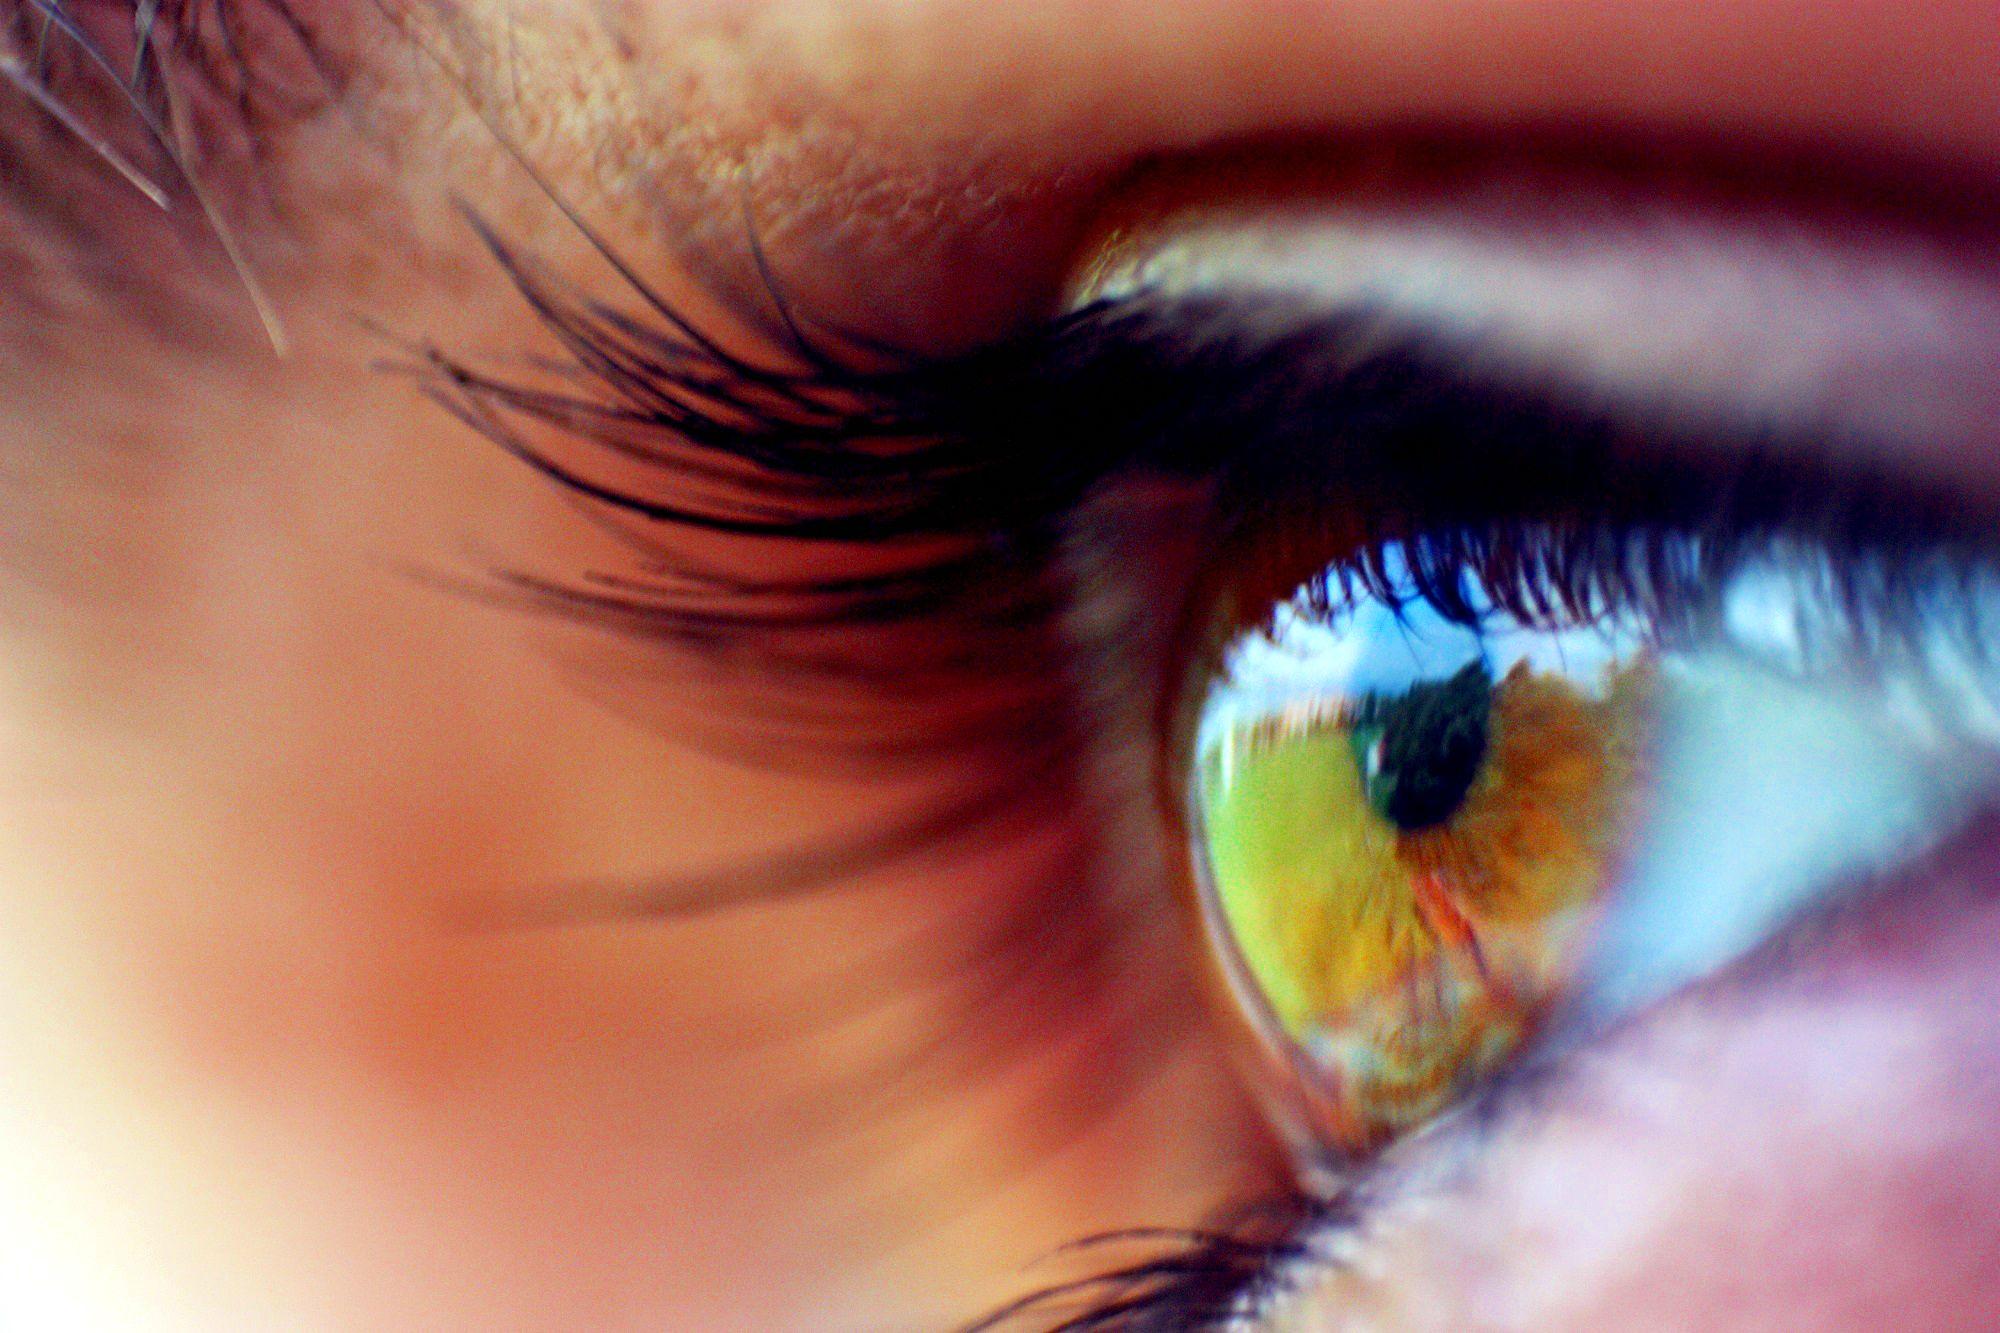 Beautiful Eyes Lashes Eyes Art Make Up Big Eyelashes